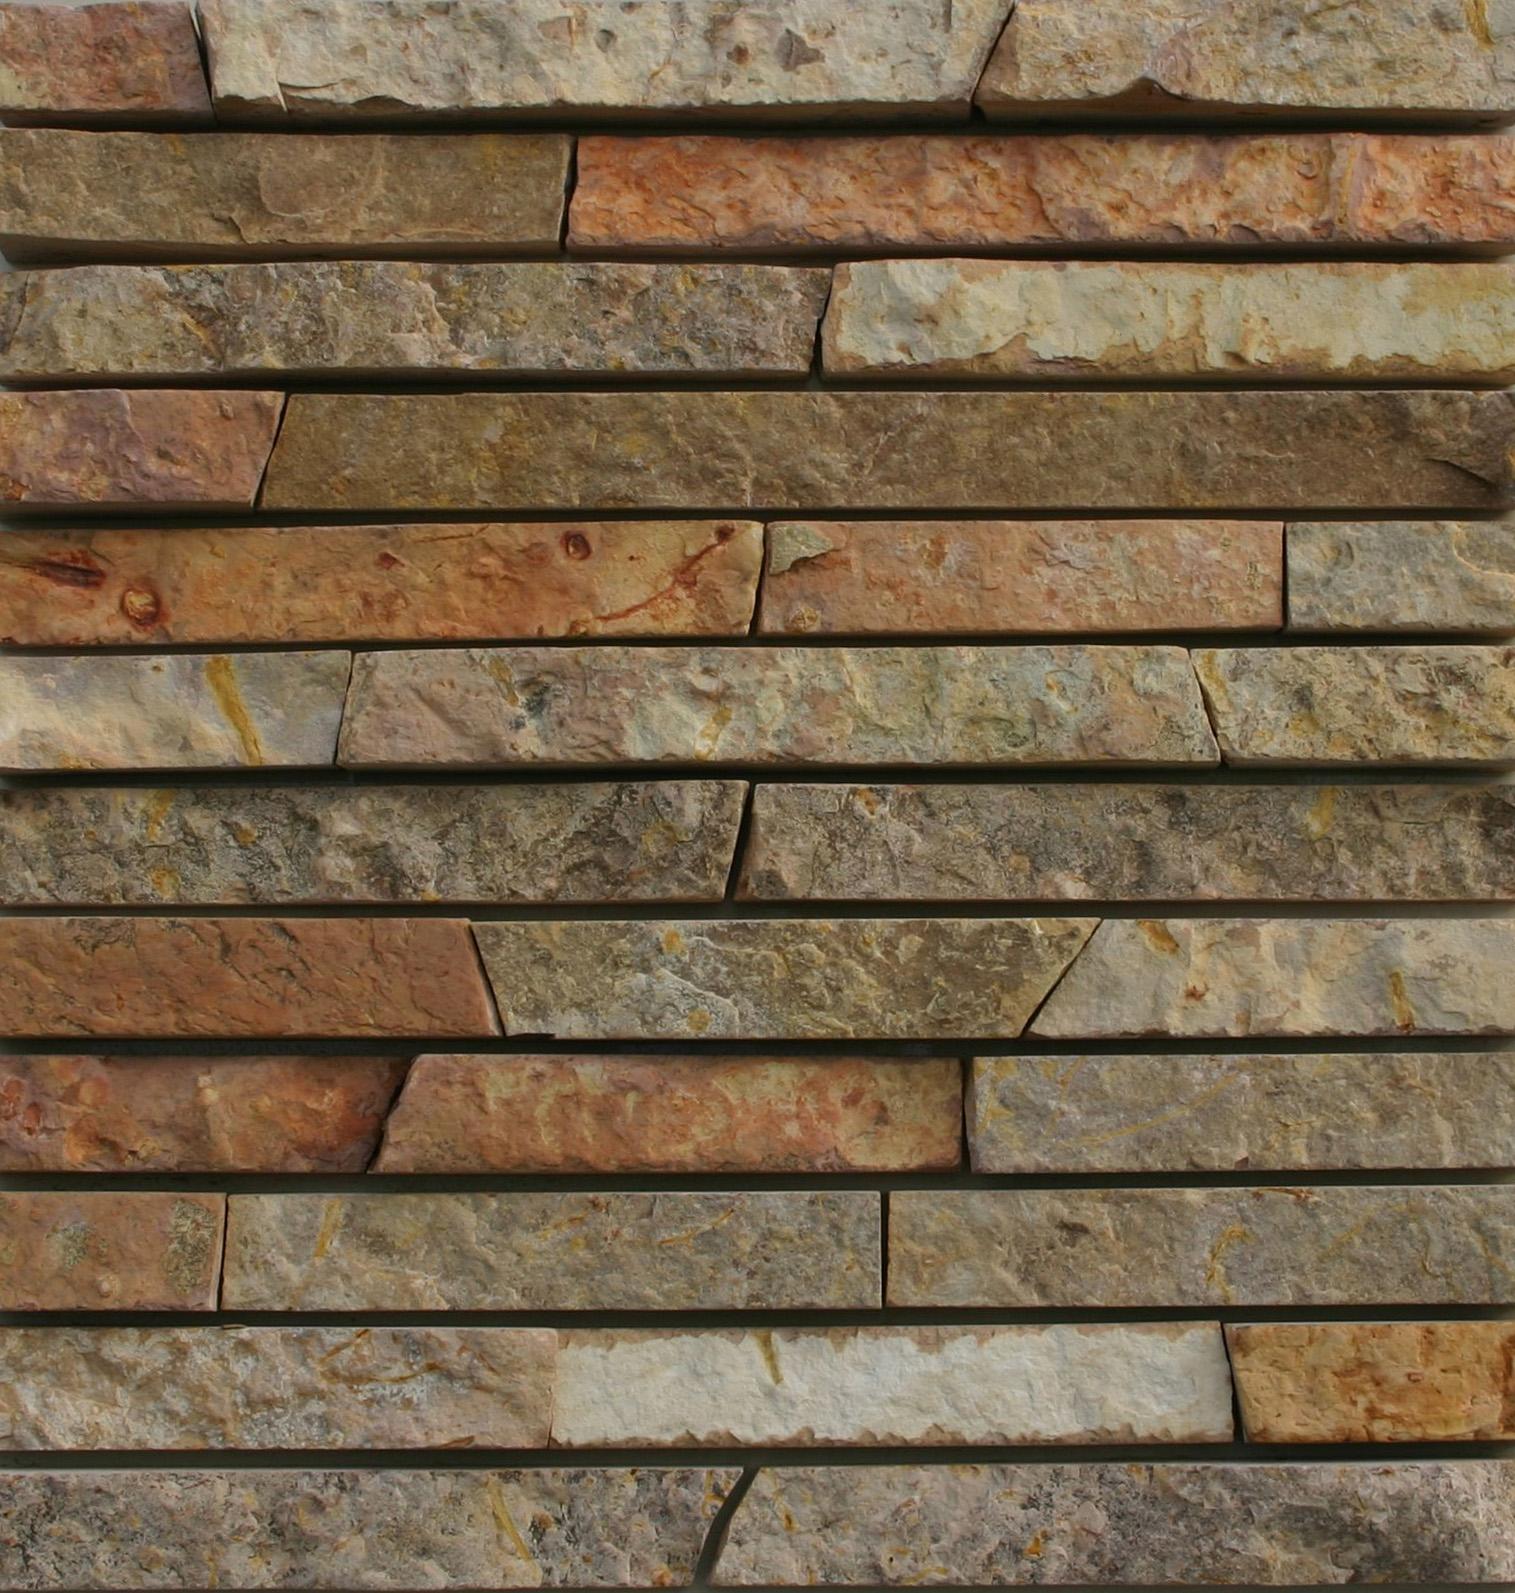 Известняк трёхсторонней обработки - добыча и продажа природного камня